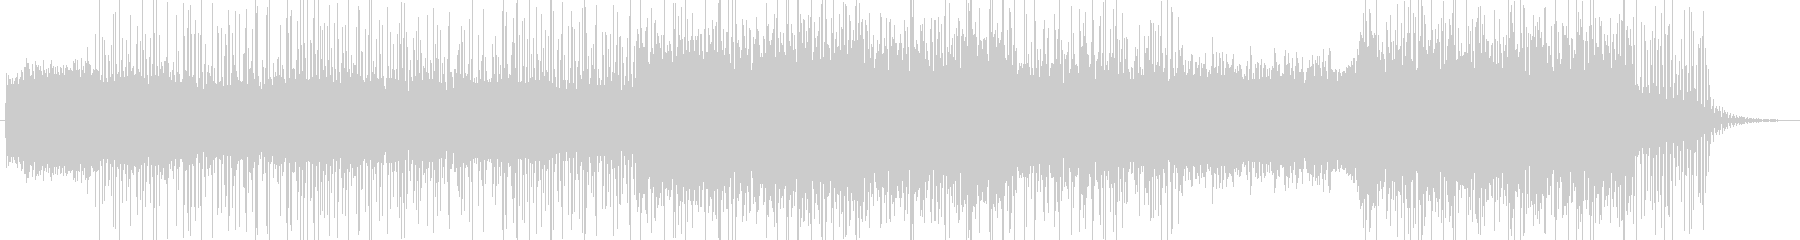 浸透感と反響感のデジタルループ系BGMの未再生の波形